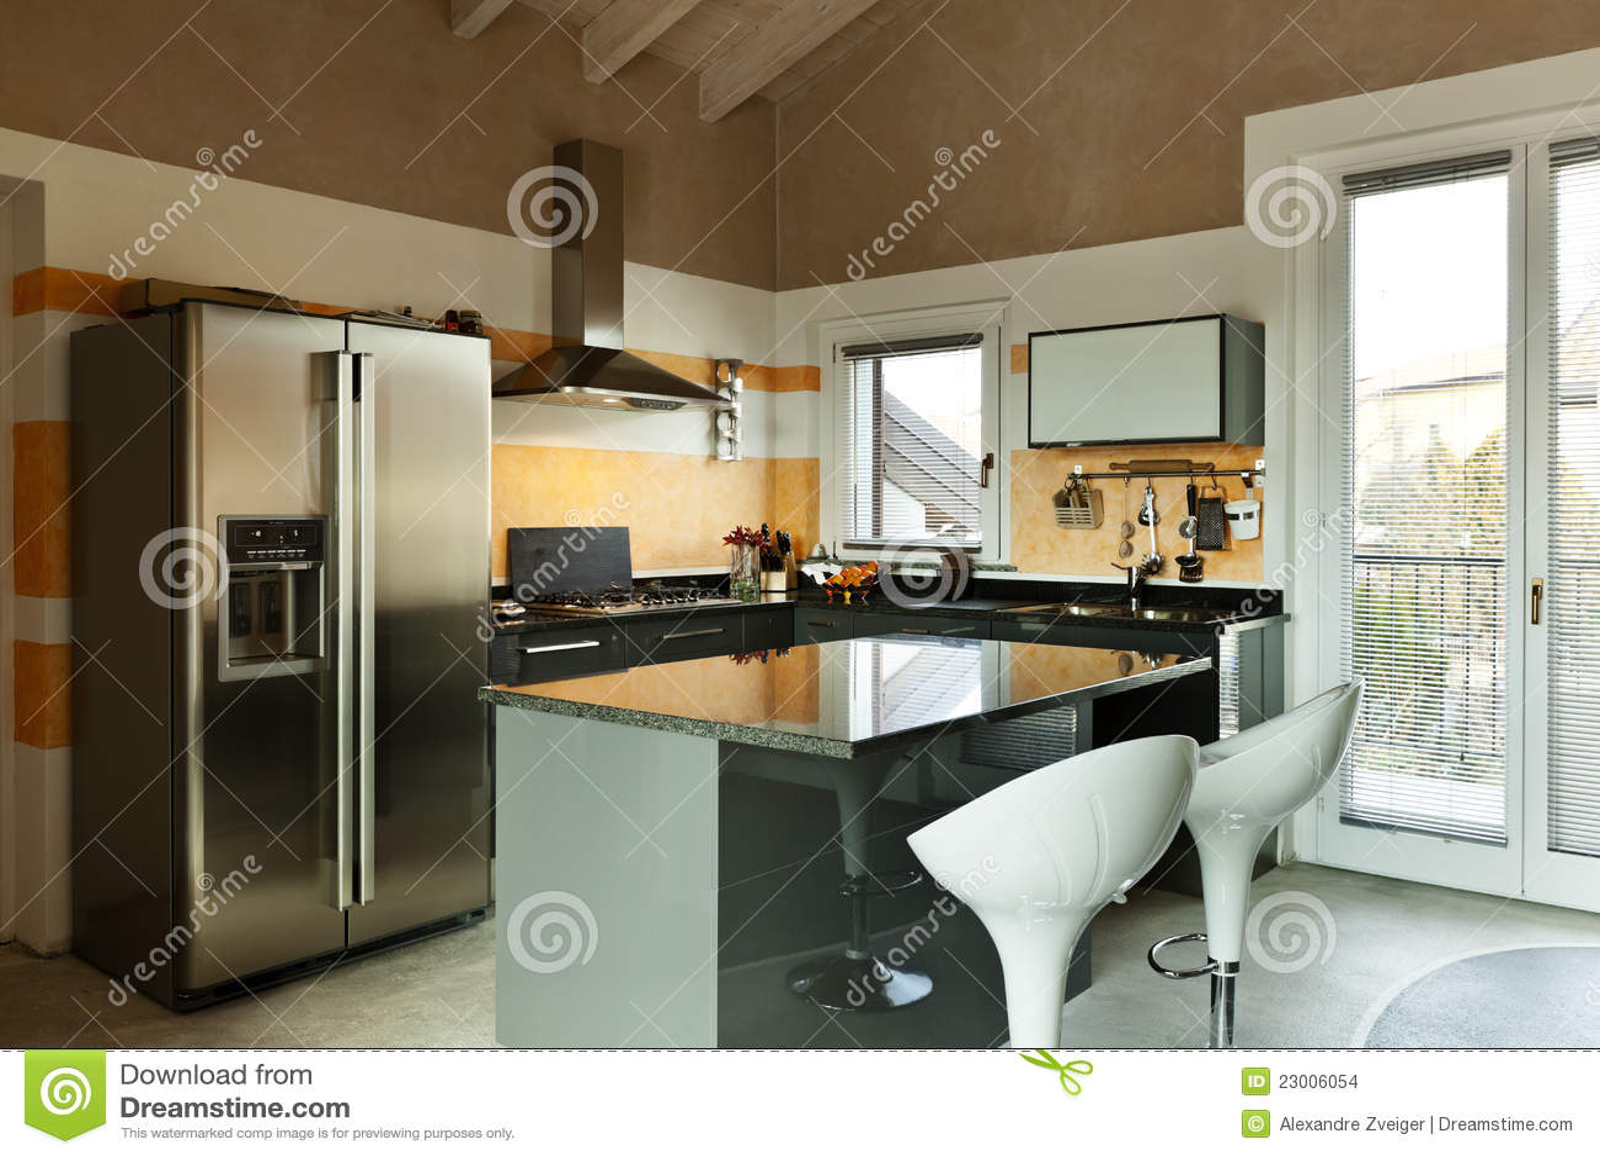 Isla de cocina con dos taburetes imagenes de archivo for Taburetes de cocina